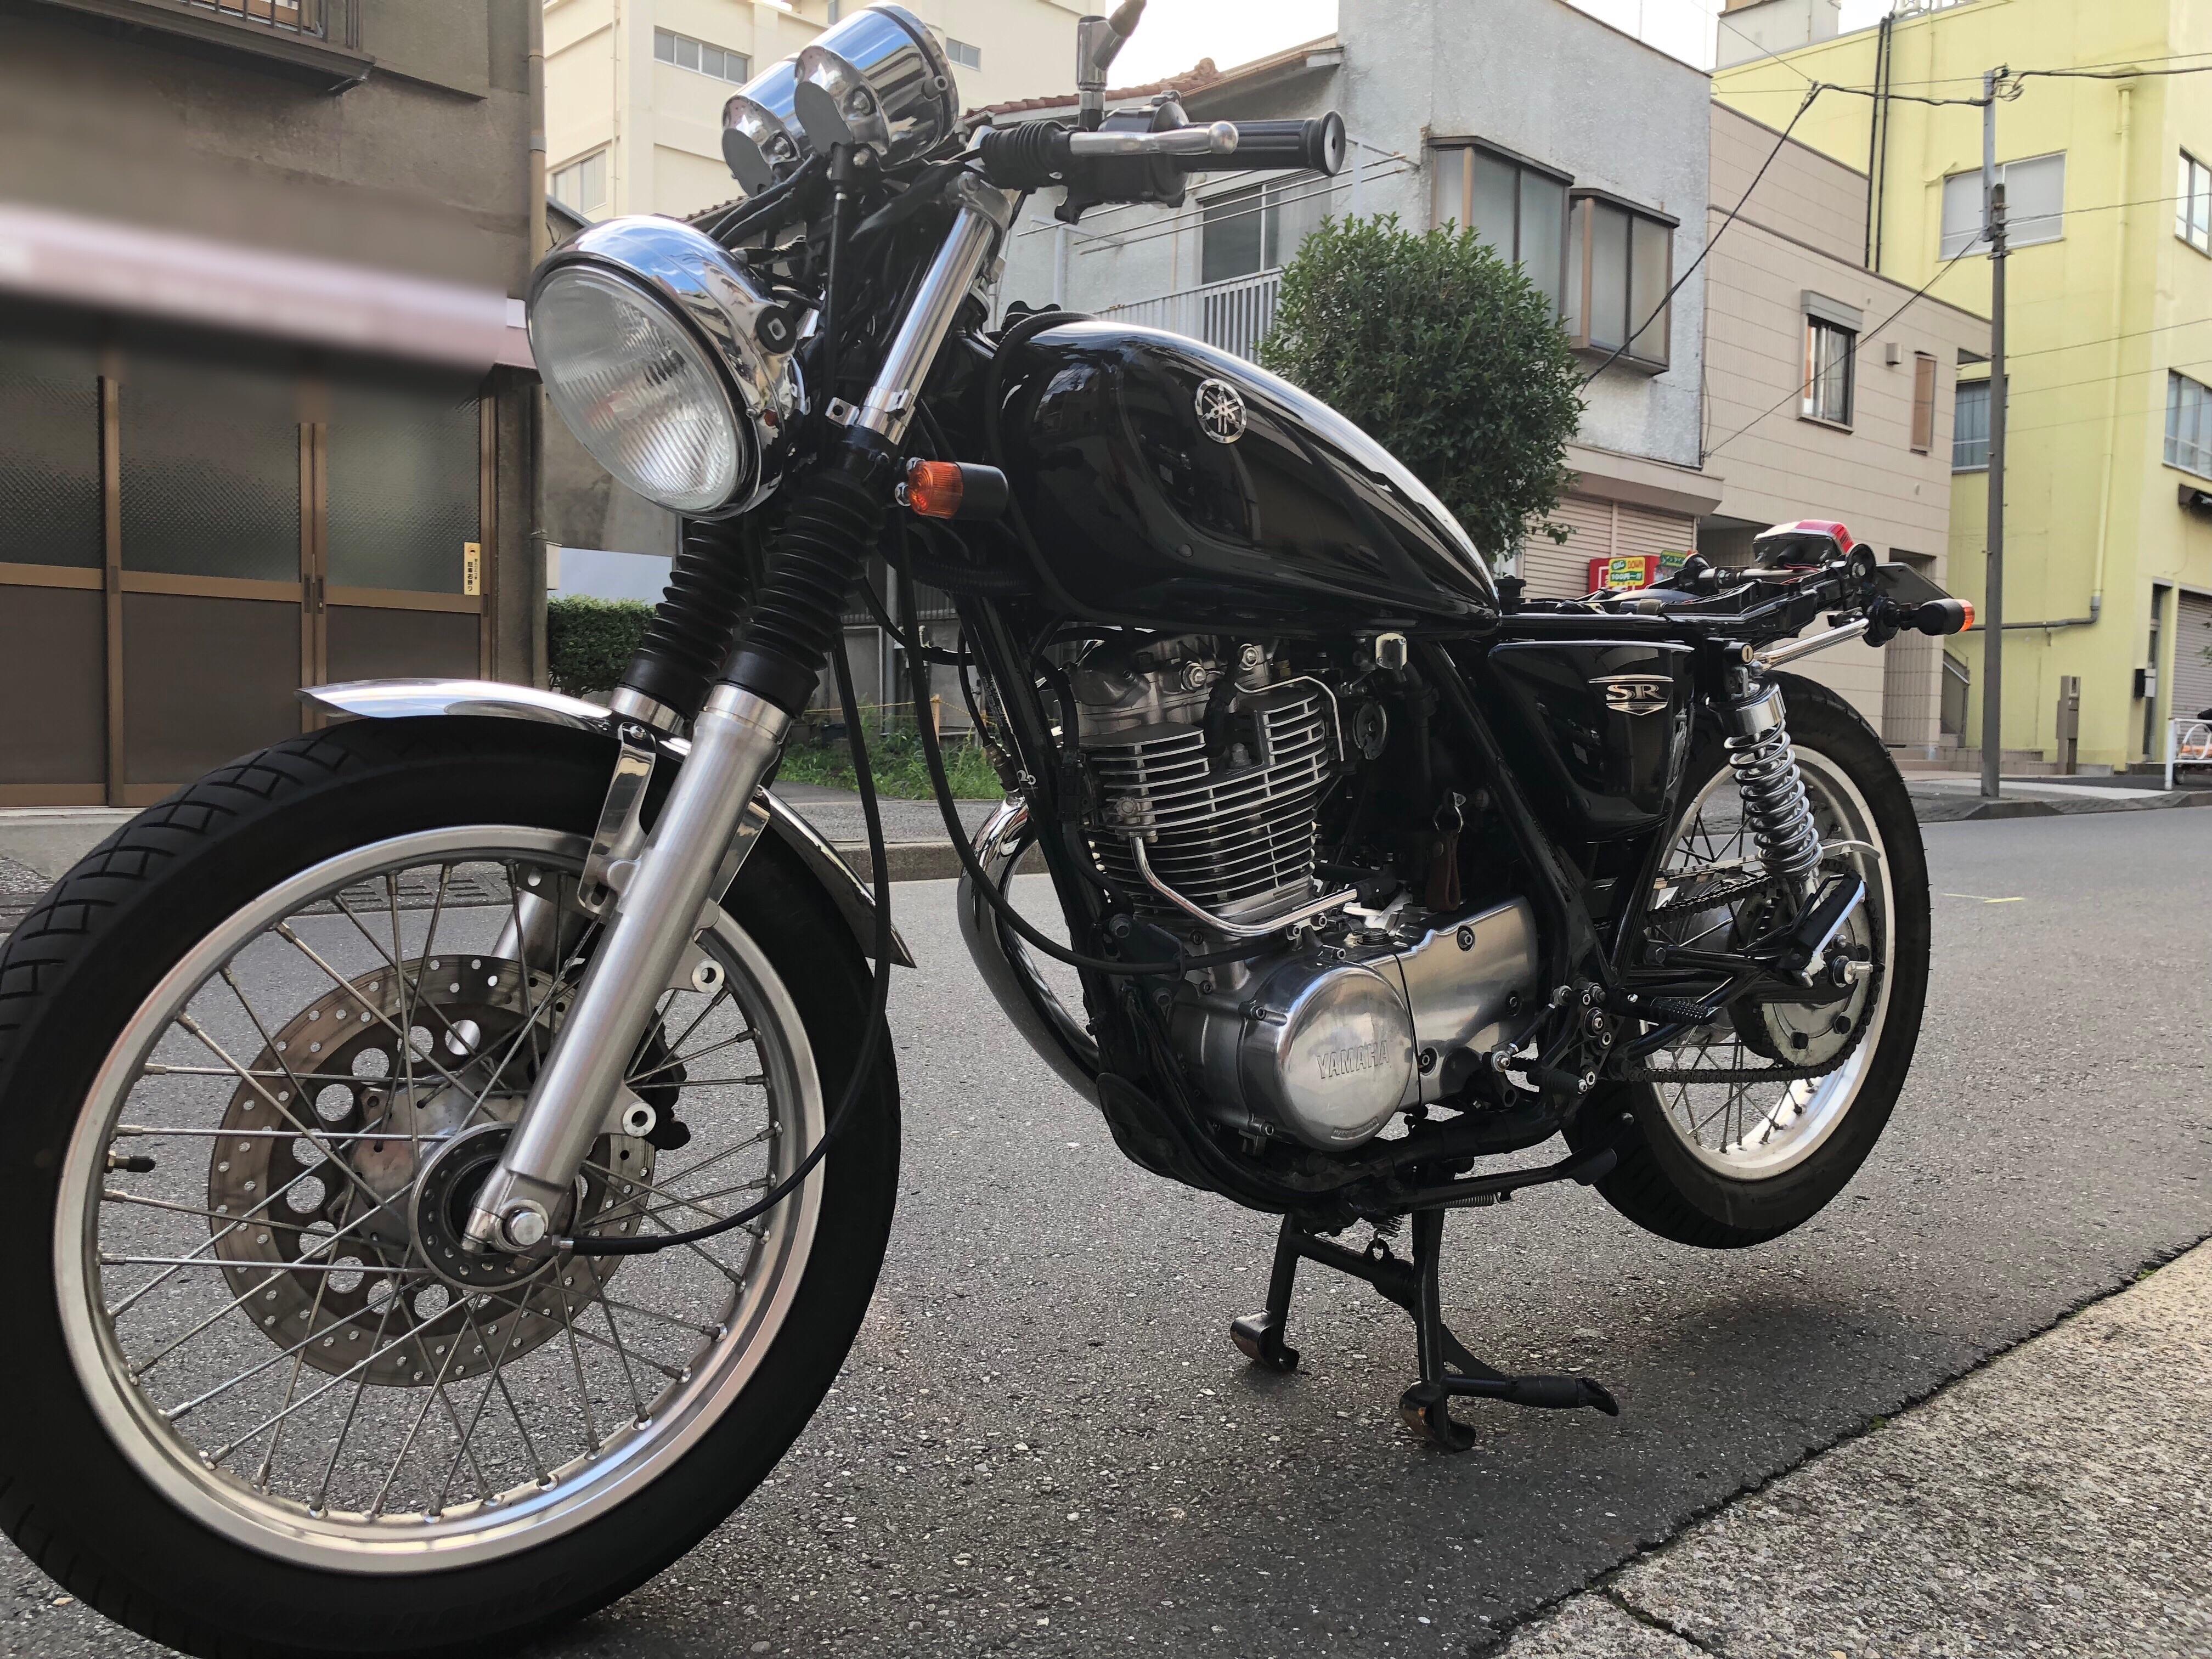 f:id:yukiaveiro:20181020230858j:image